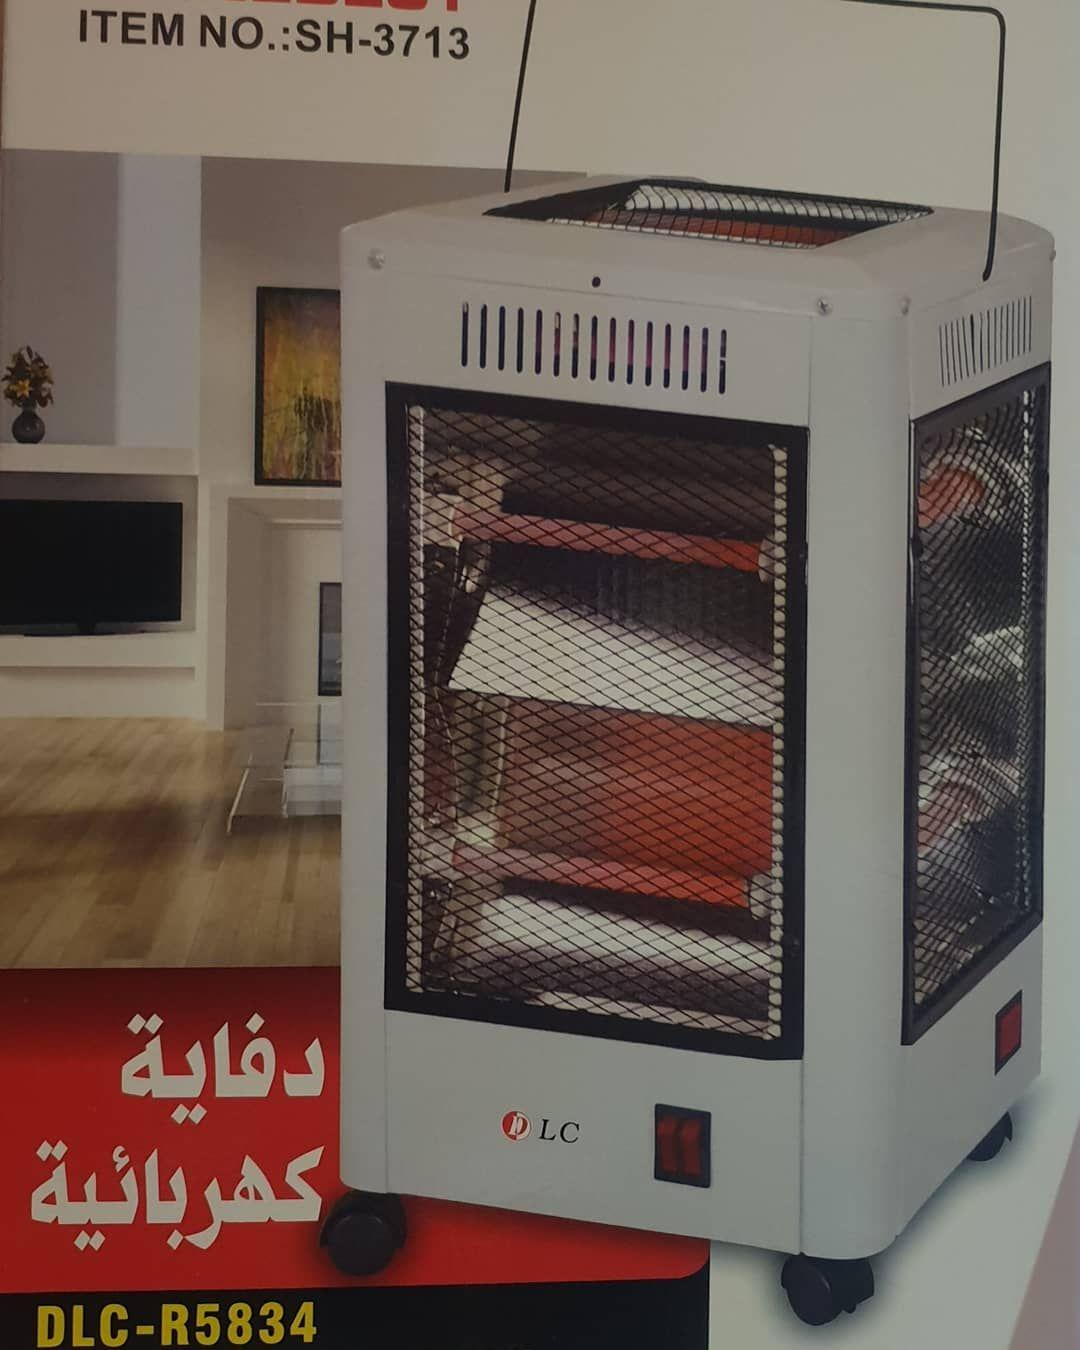 تاجرة الرياض جده الدمام والكل On Instagram دفاية كهربائية خمس اتجاهات كهرباء ٢٢٠ فولت قوة تصل الى ٢٠٠٠ واط ضمان ال Home Appliances Air Conditioner Appliances